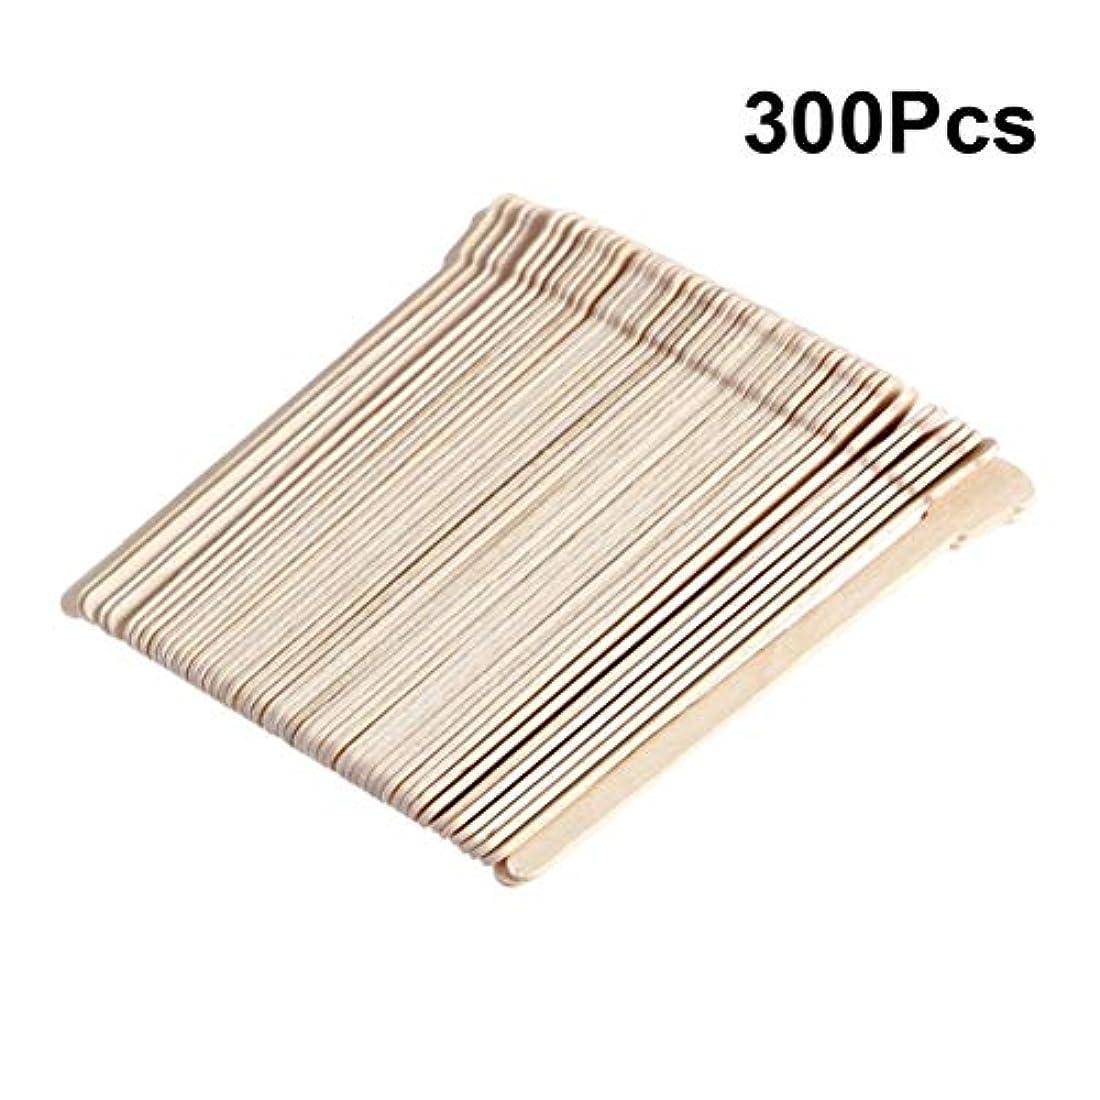 アマチュア理解行うSUPVOX 300ピース木製ワックススティックフェイス眉毛ワックスへら脱毛(オリジナル木製色)